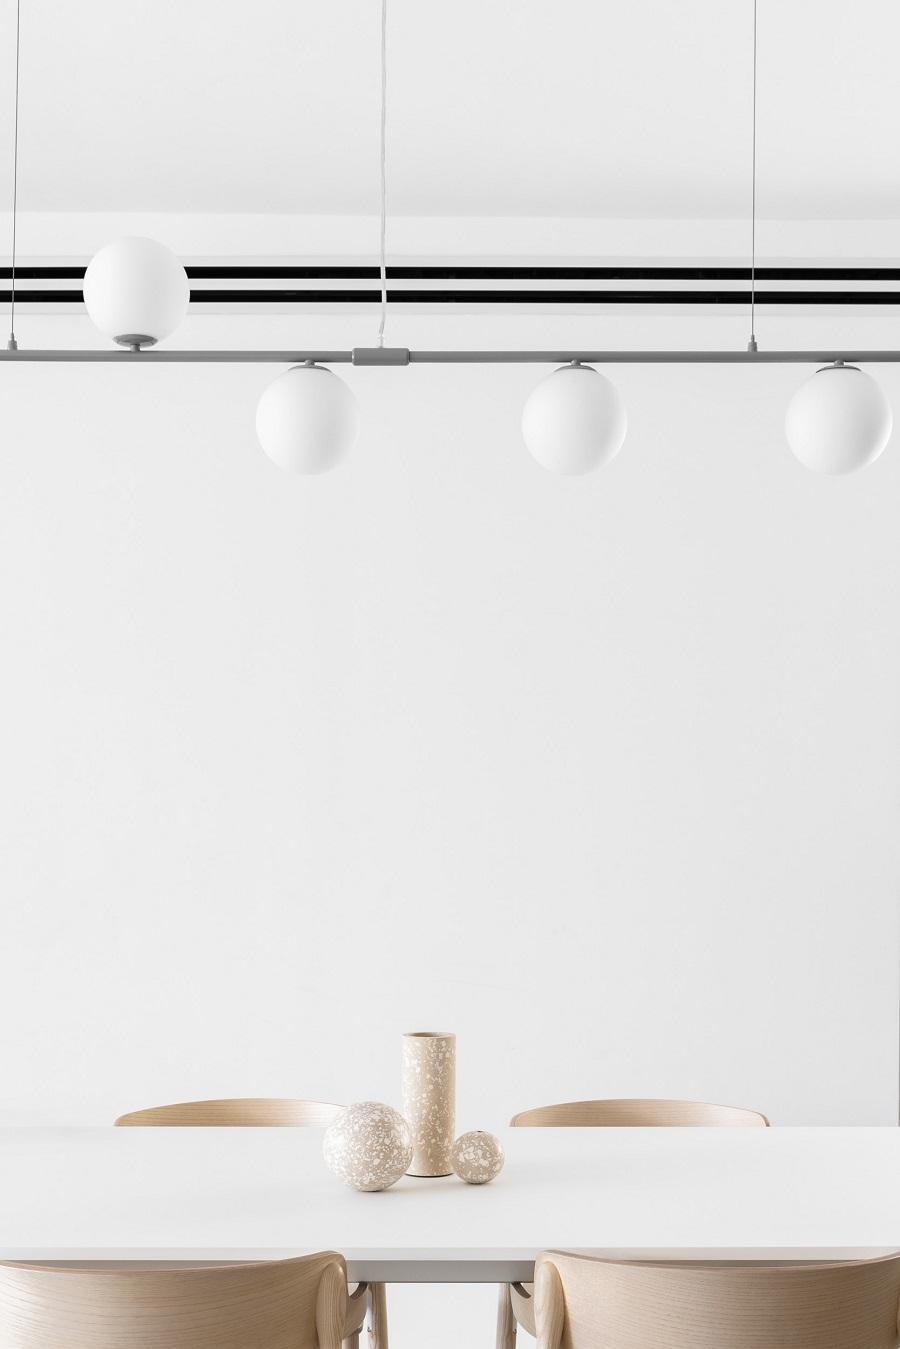 עיצוב תמי פמפנל שנקר | צילום מאיה אבגר